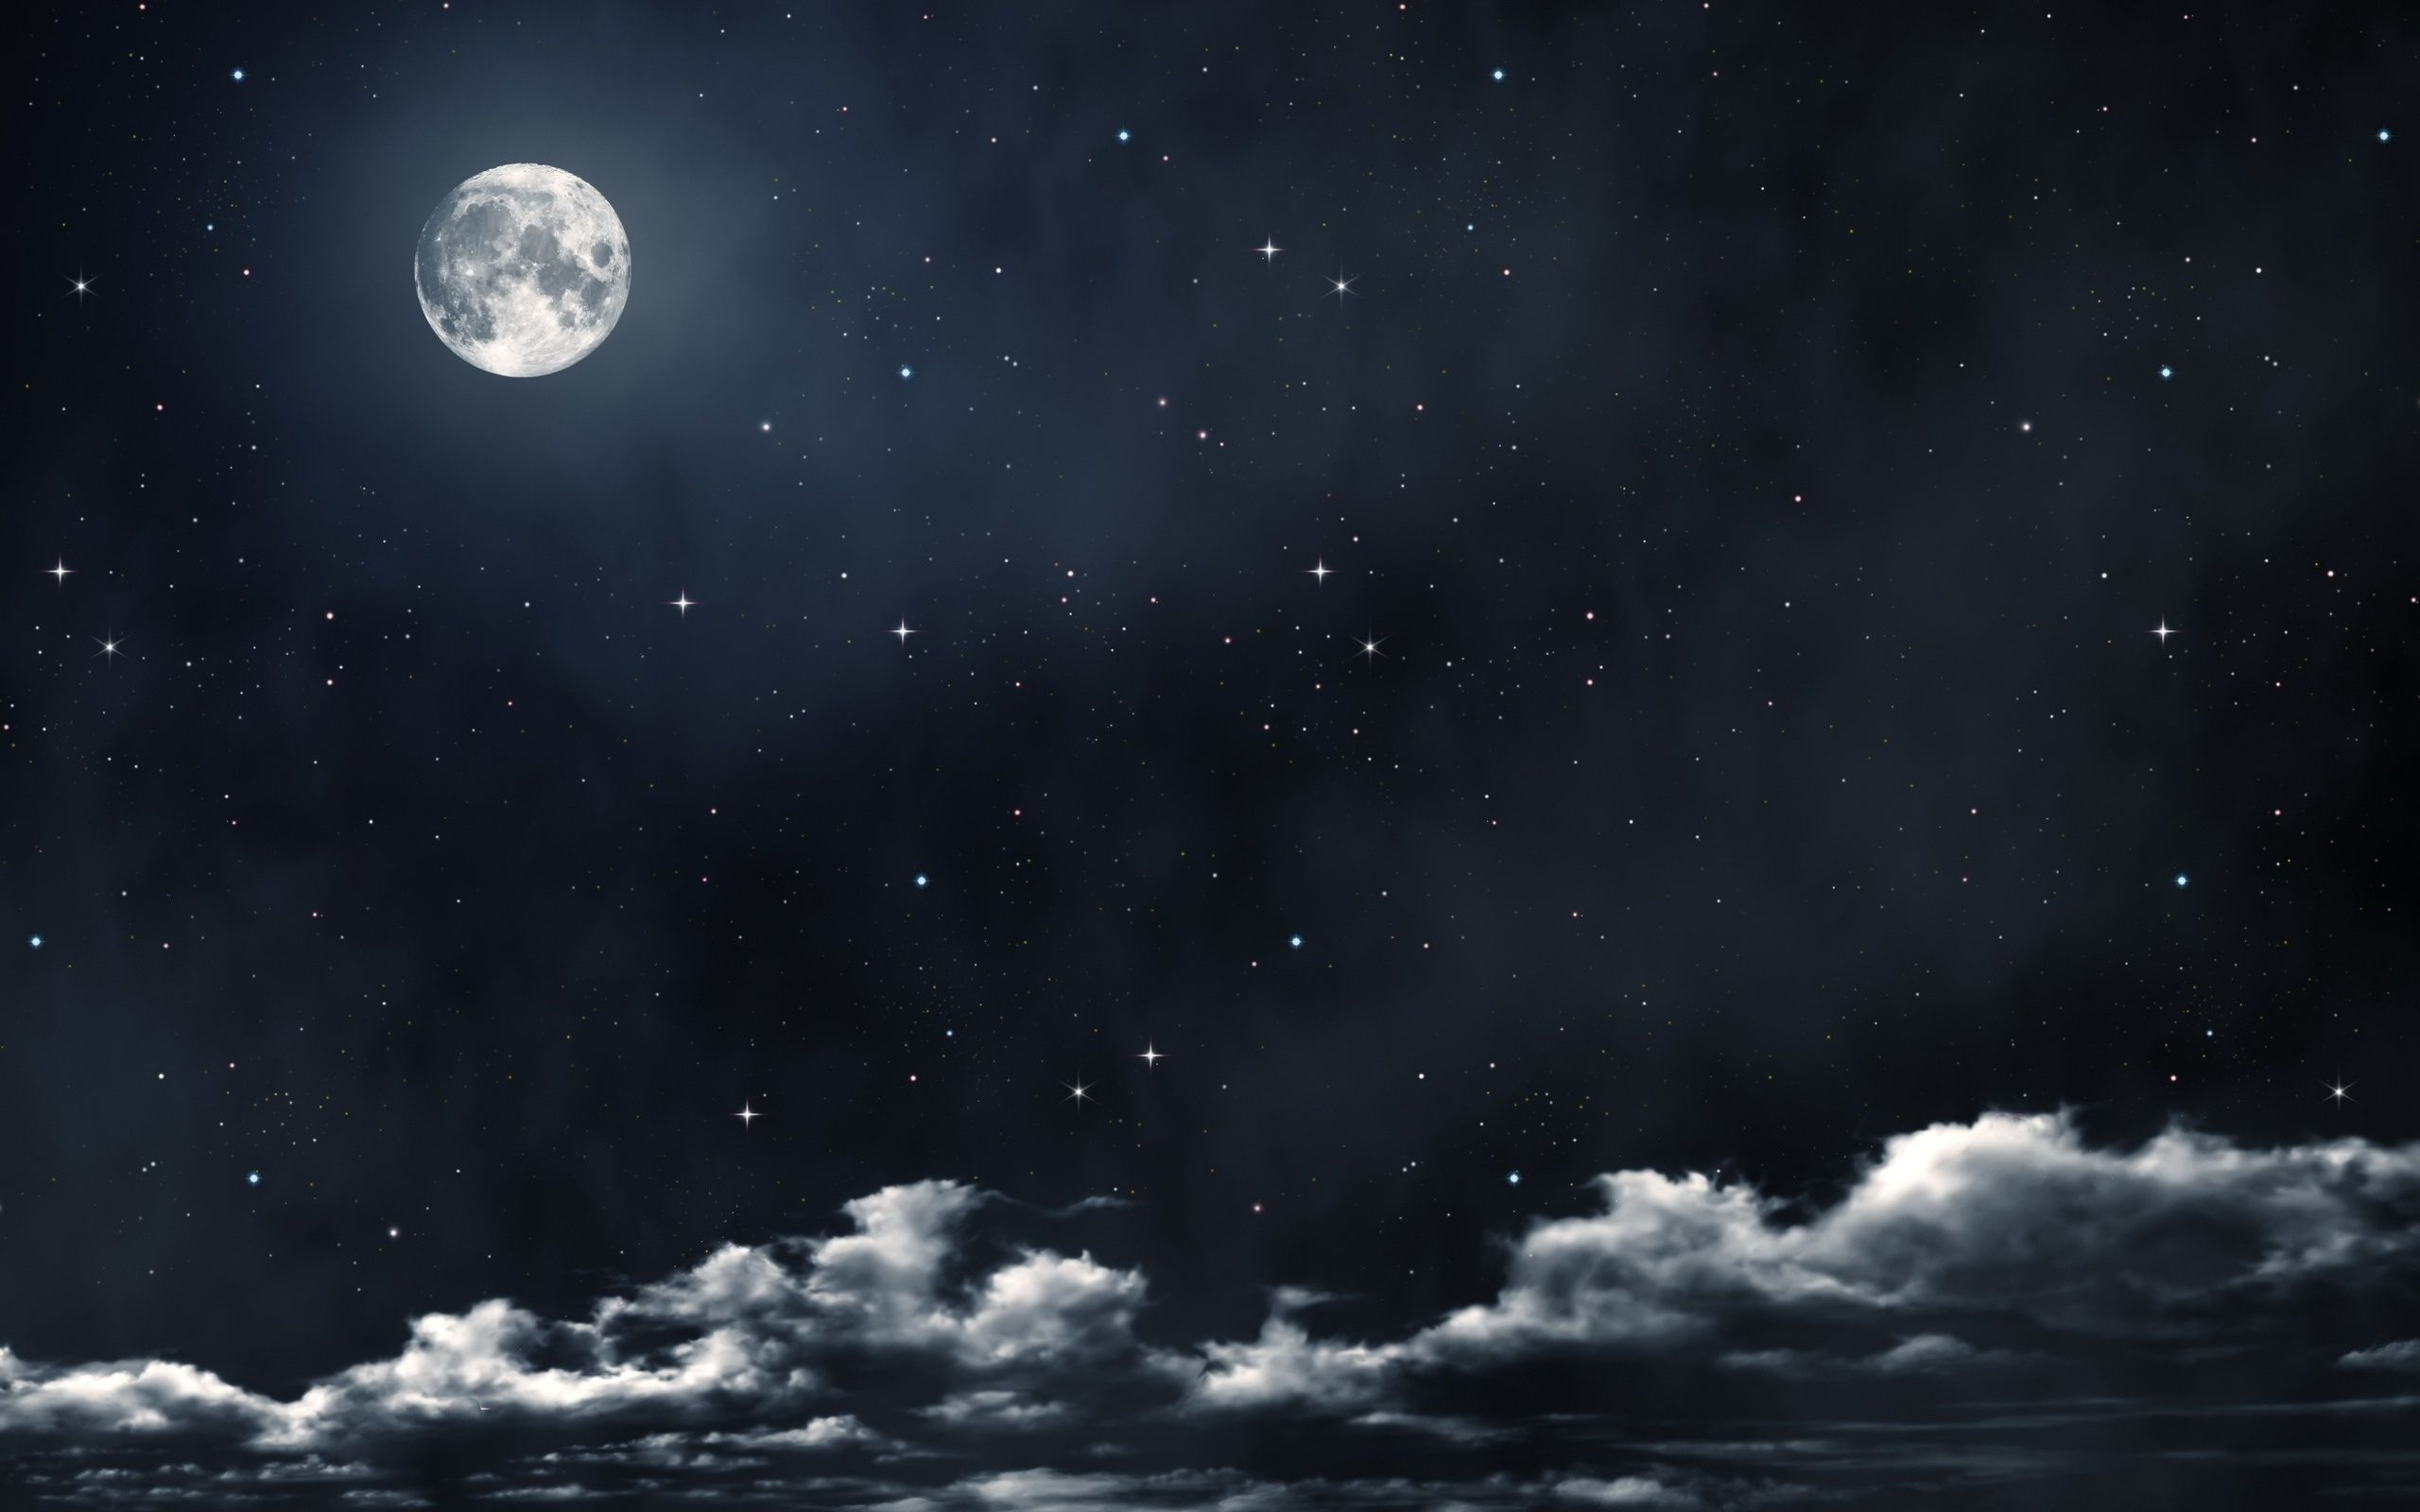 Beautiful Full Moon Wallpaper 40064